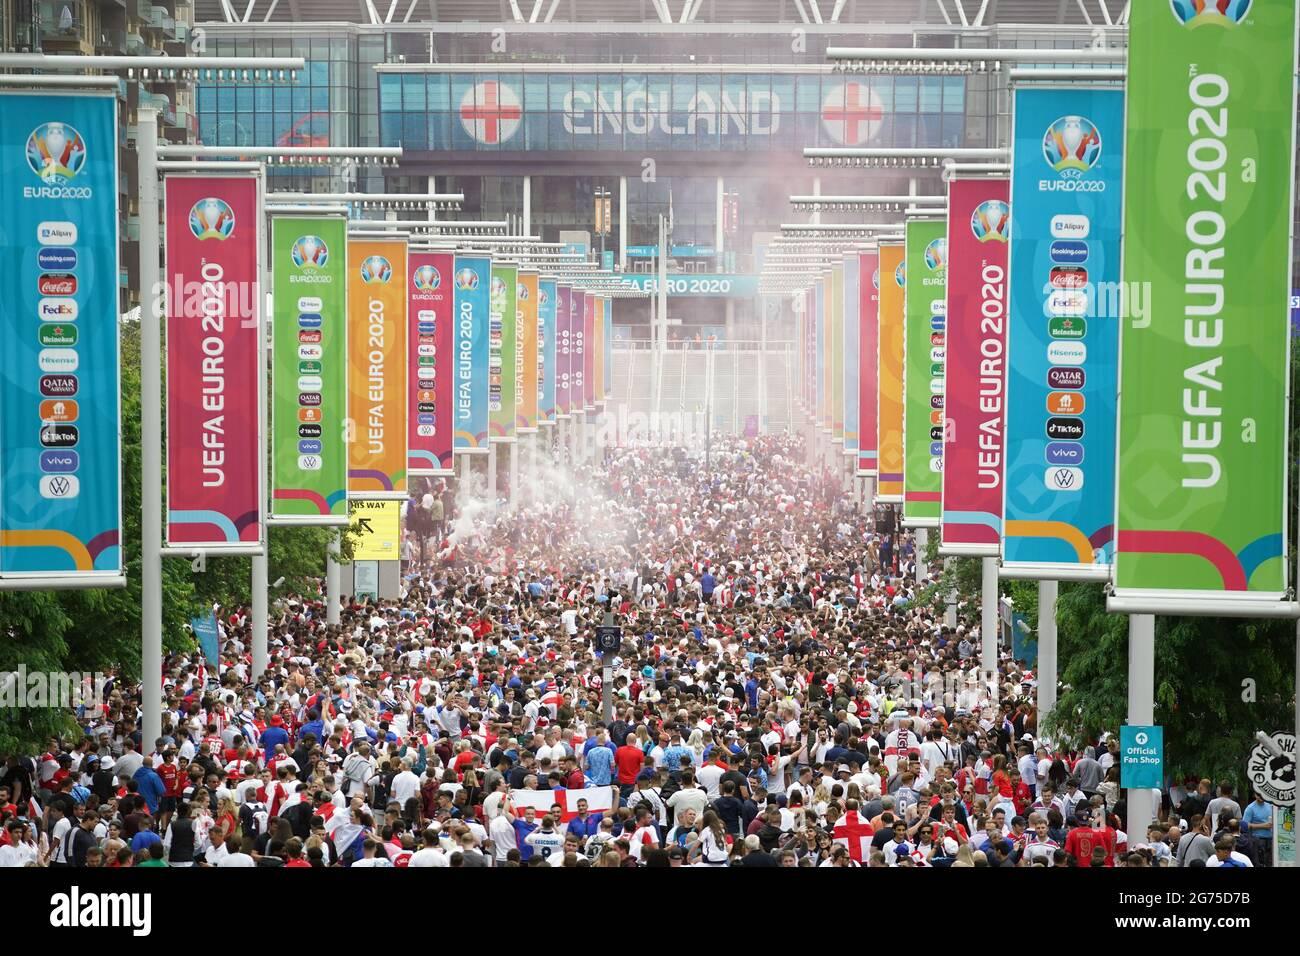 Tifosi inglesi lungo Wembley Way prima della finale UEFA Euro 2020 al Wembley Stadium di Londra. Data immagine: Domenica 11 luglio 2021. Foto Stock